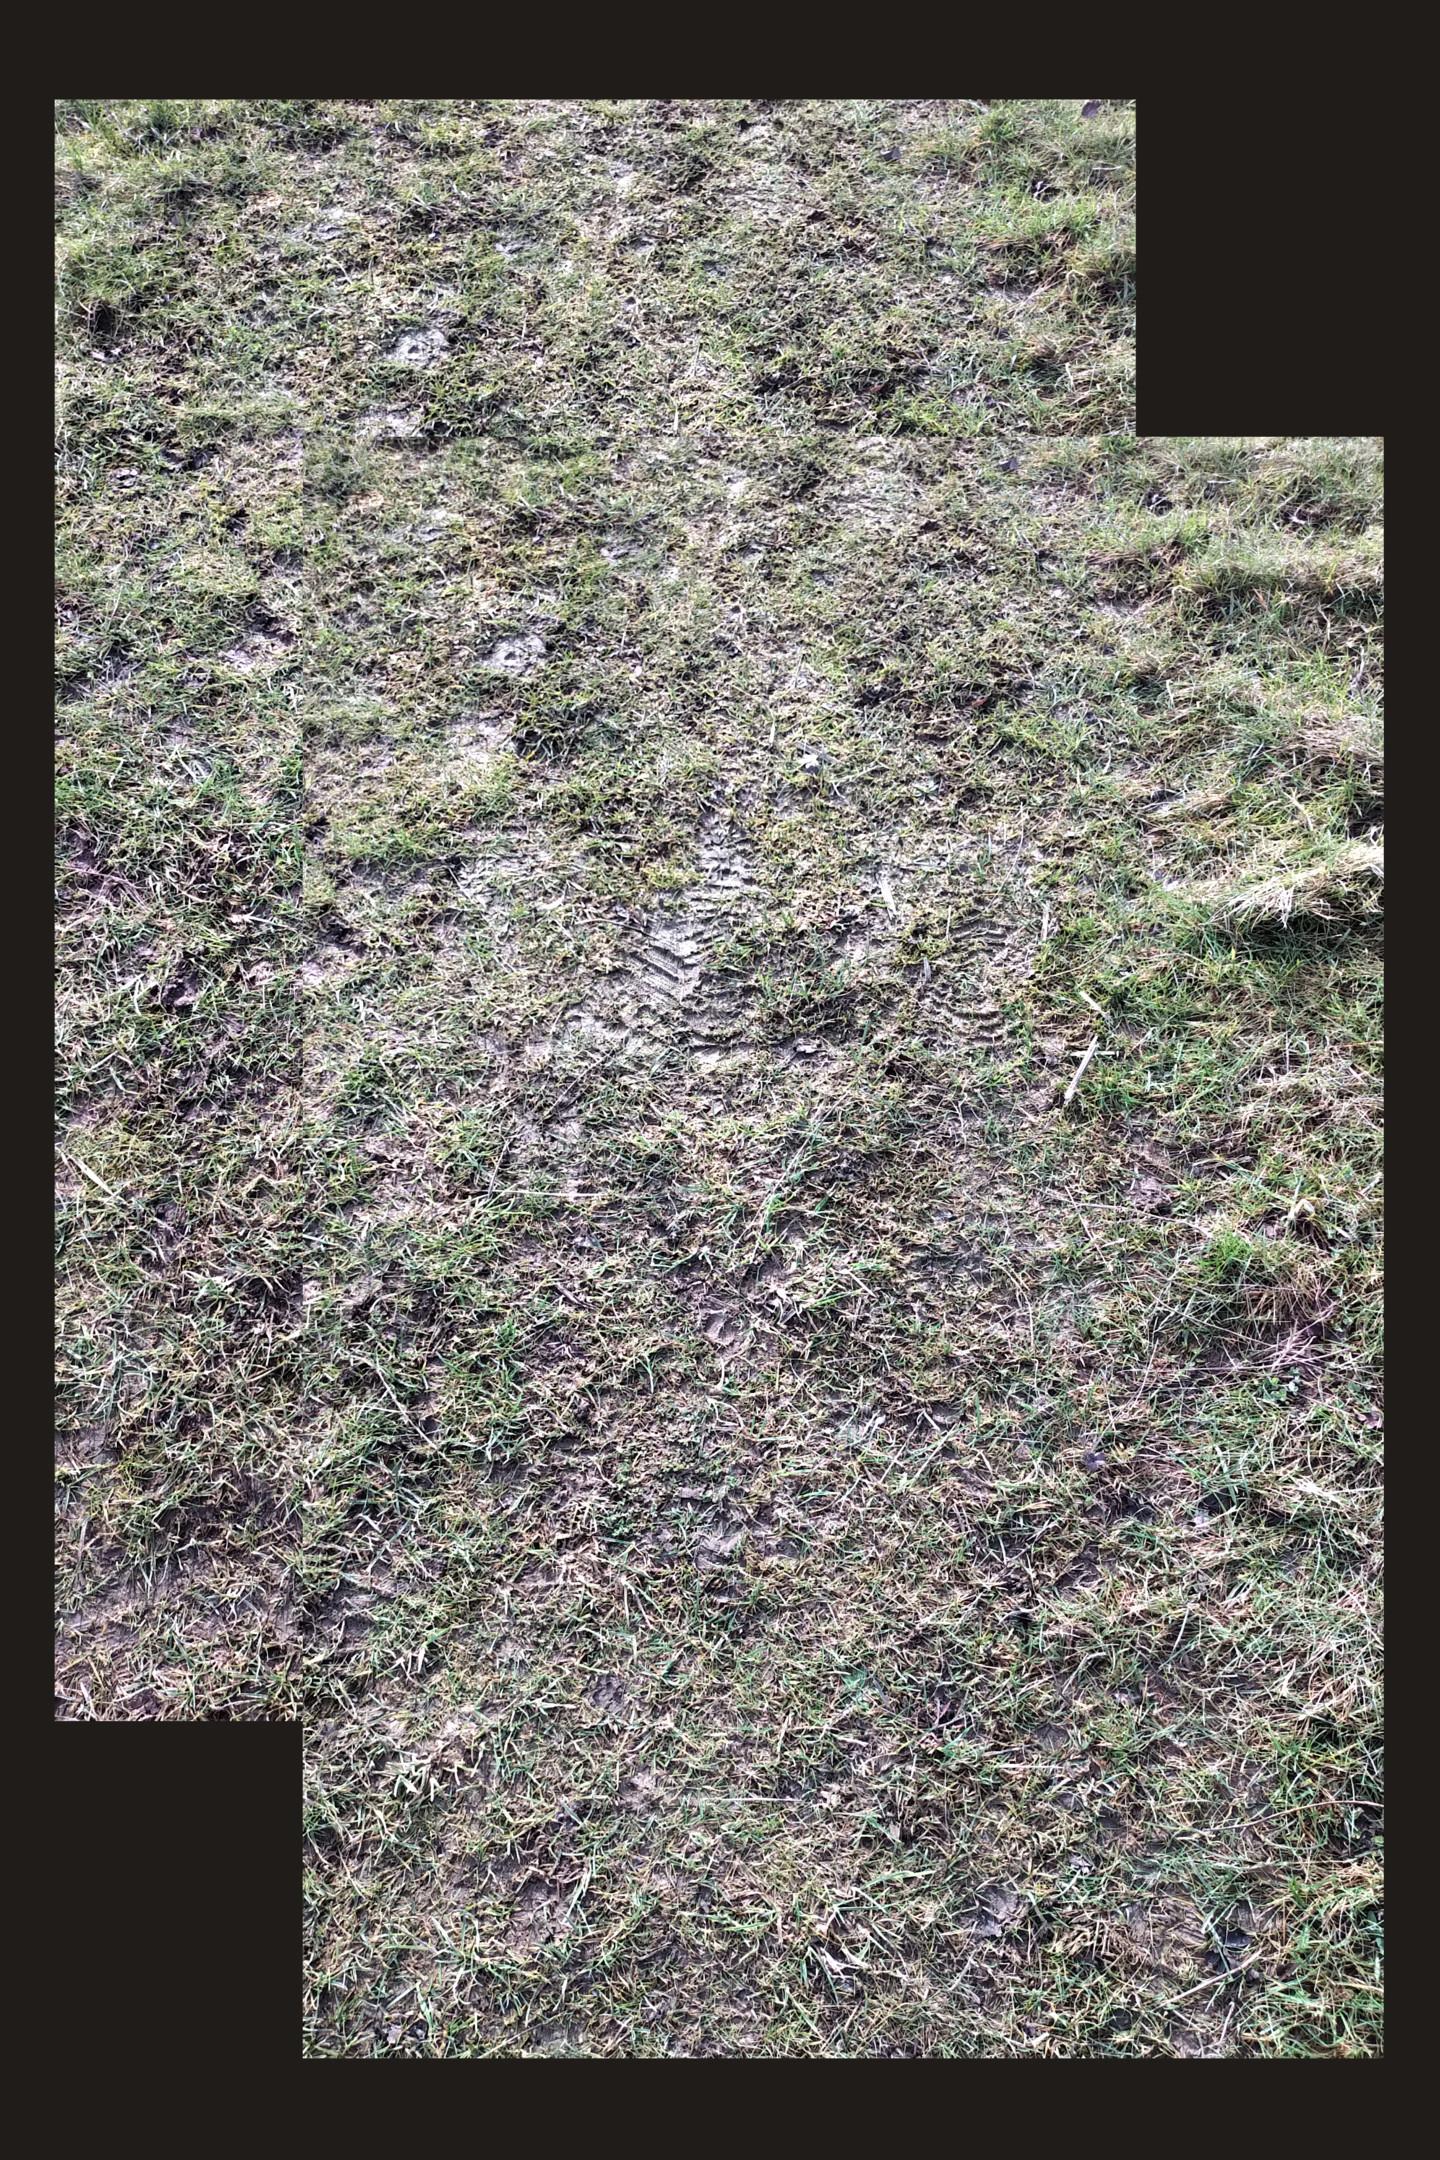 Gerald Shepherd - Footprints In Mud